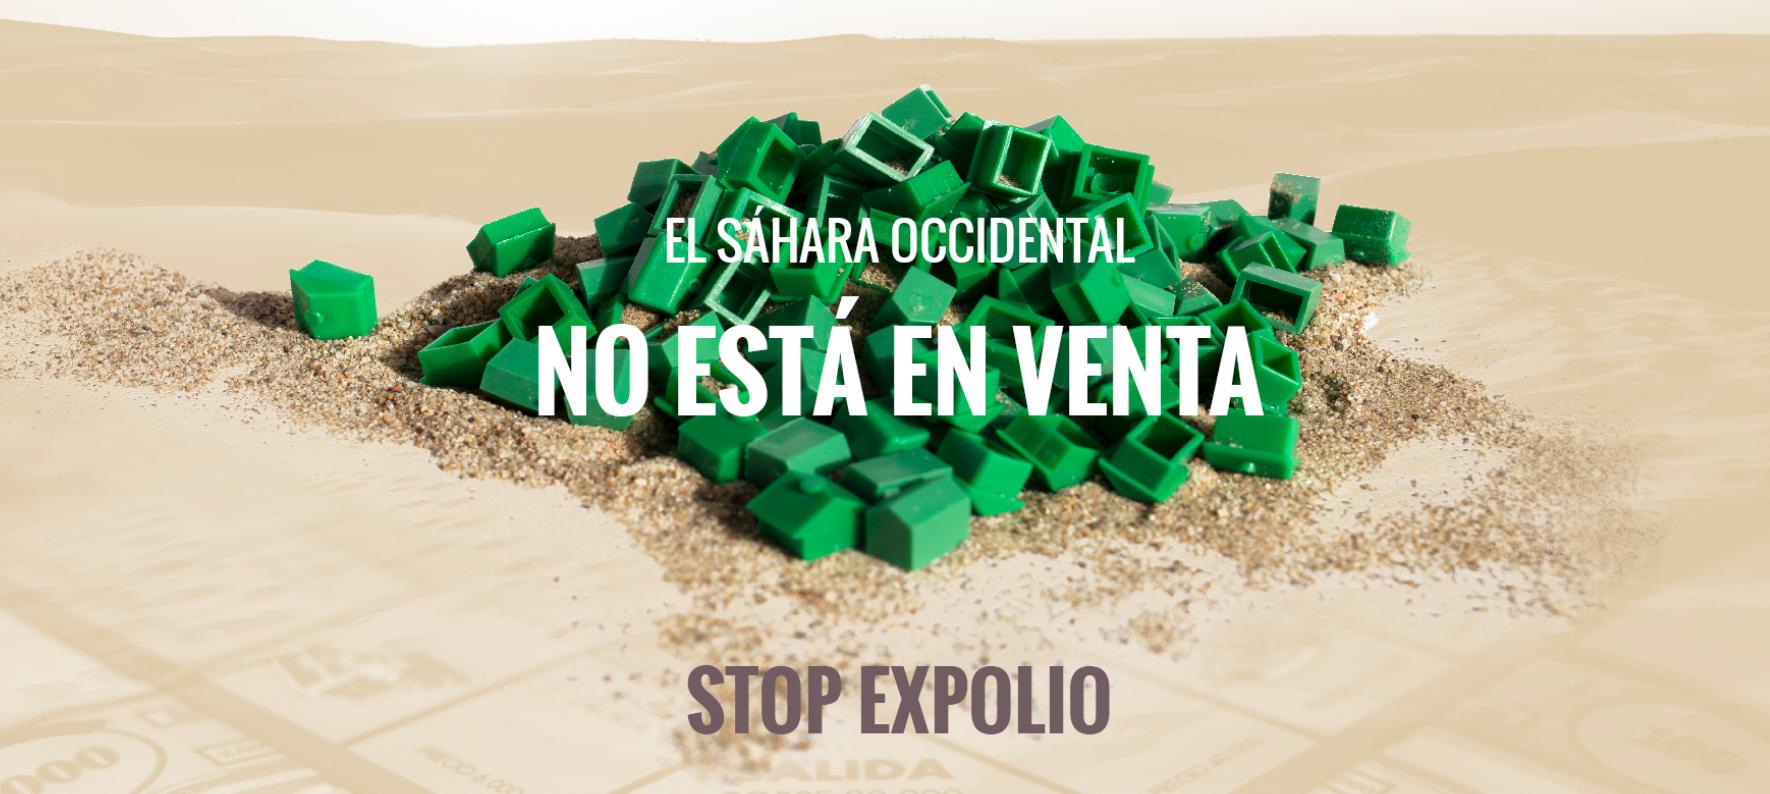 CAMPAÑA INTERNACIONAL DE DENUNCIA DEL EXPOLIO DE RECURSOS NATURALES EN EL SÁHARA OCCIDENTAL